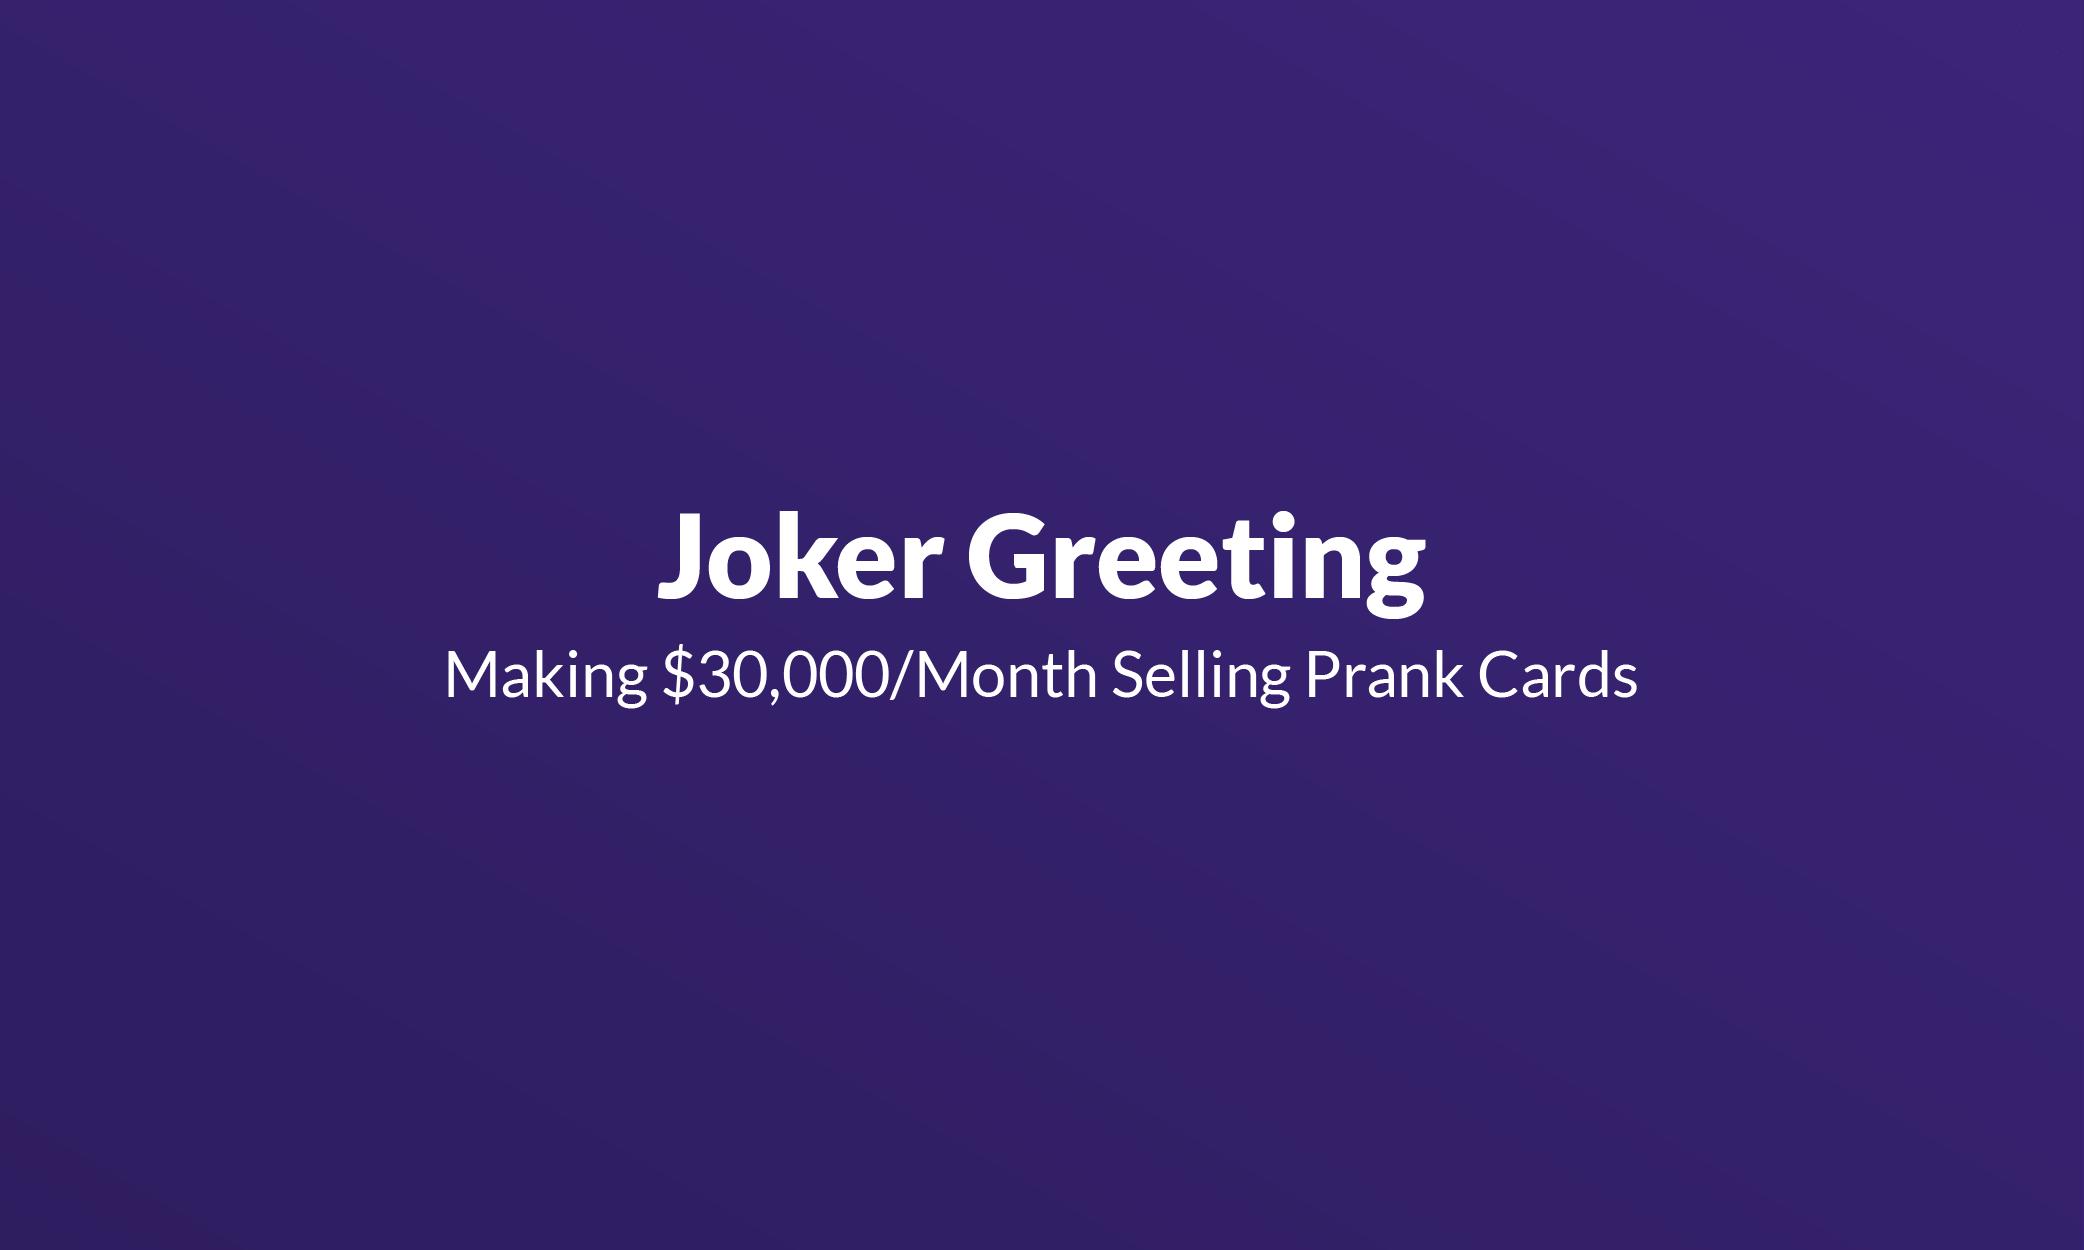 joker greeting making 30